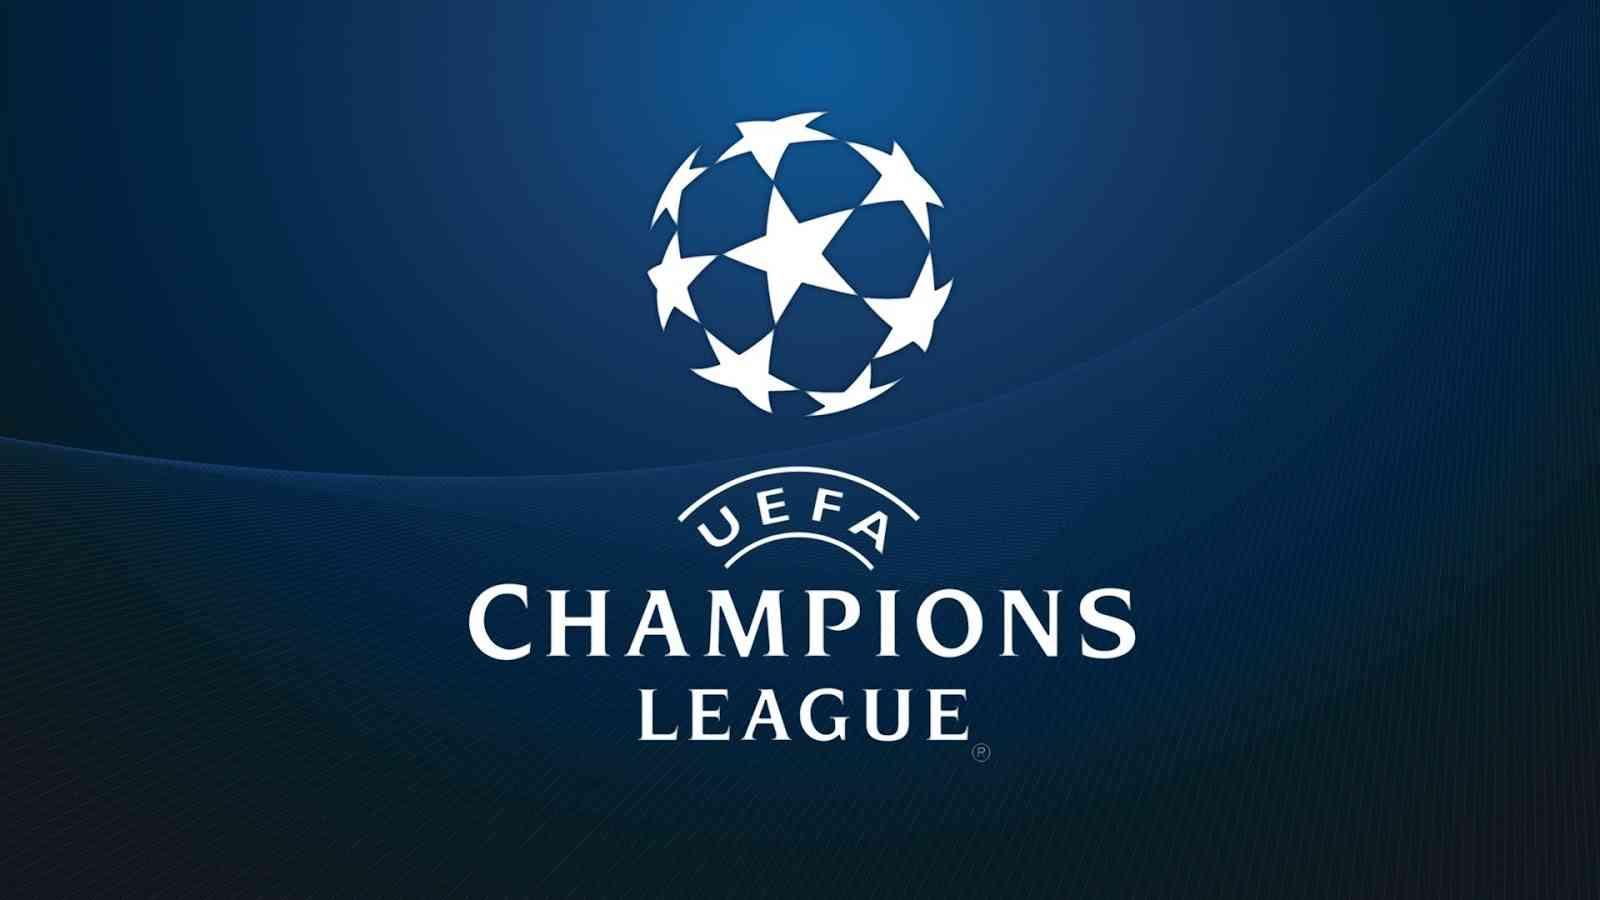 Champions League 2014 1